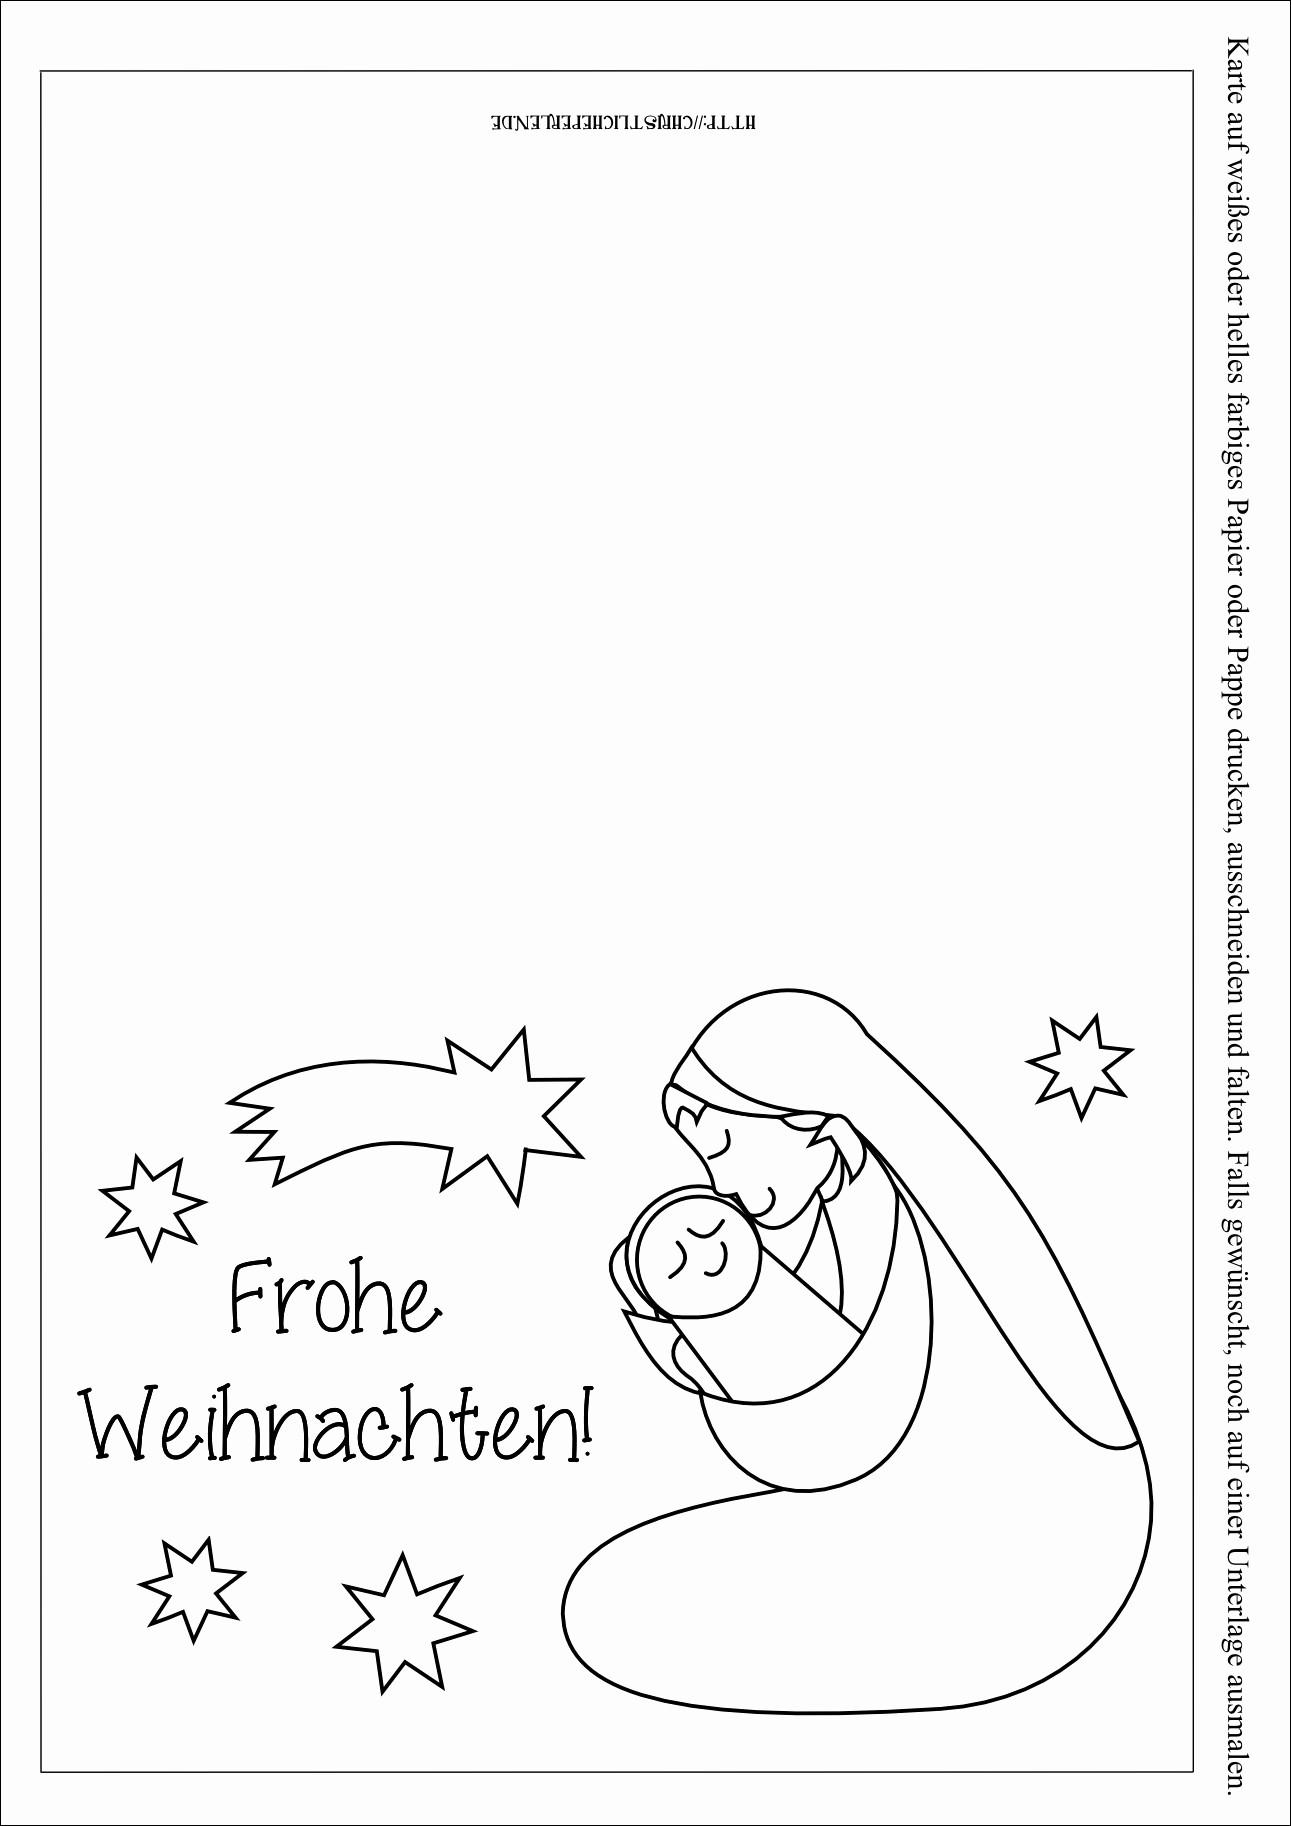 Ausmalbilder Zu Weihnachten Zum Ausdrucken Das Beste Von Kollektionen Von Designs Fotos Von Arbeitsblatt Weihnachten Galerie